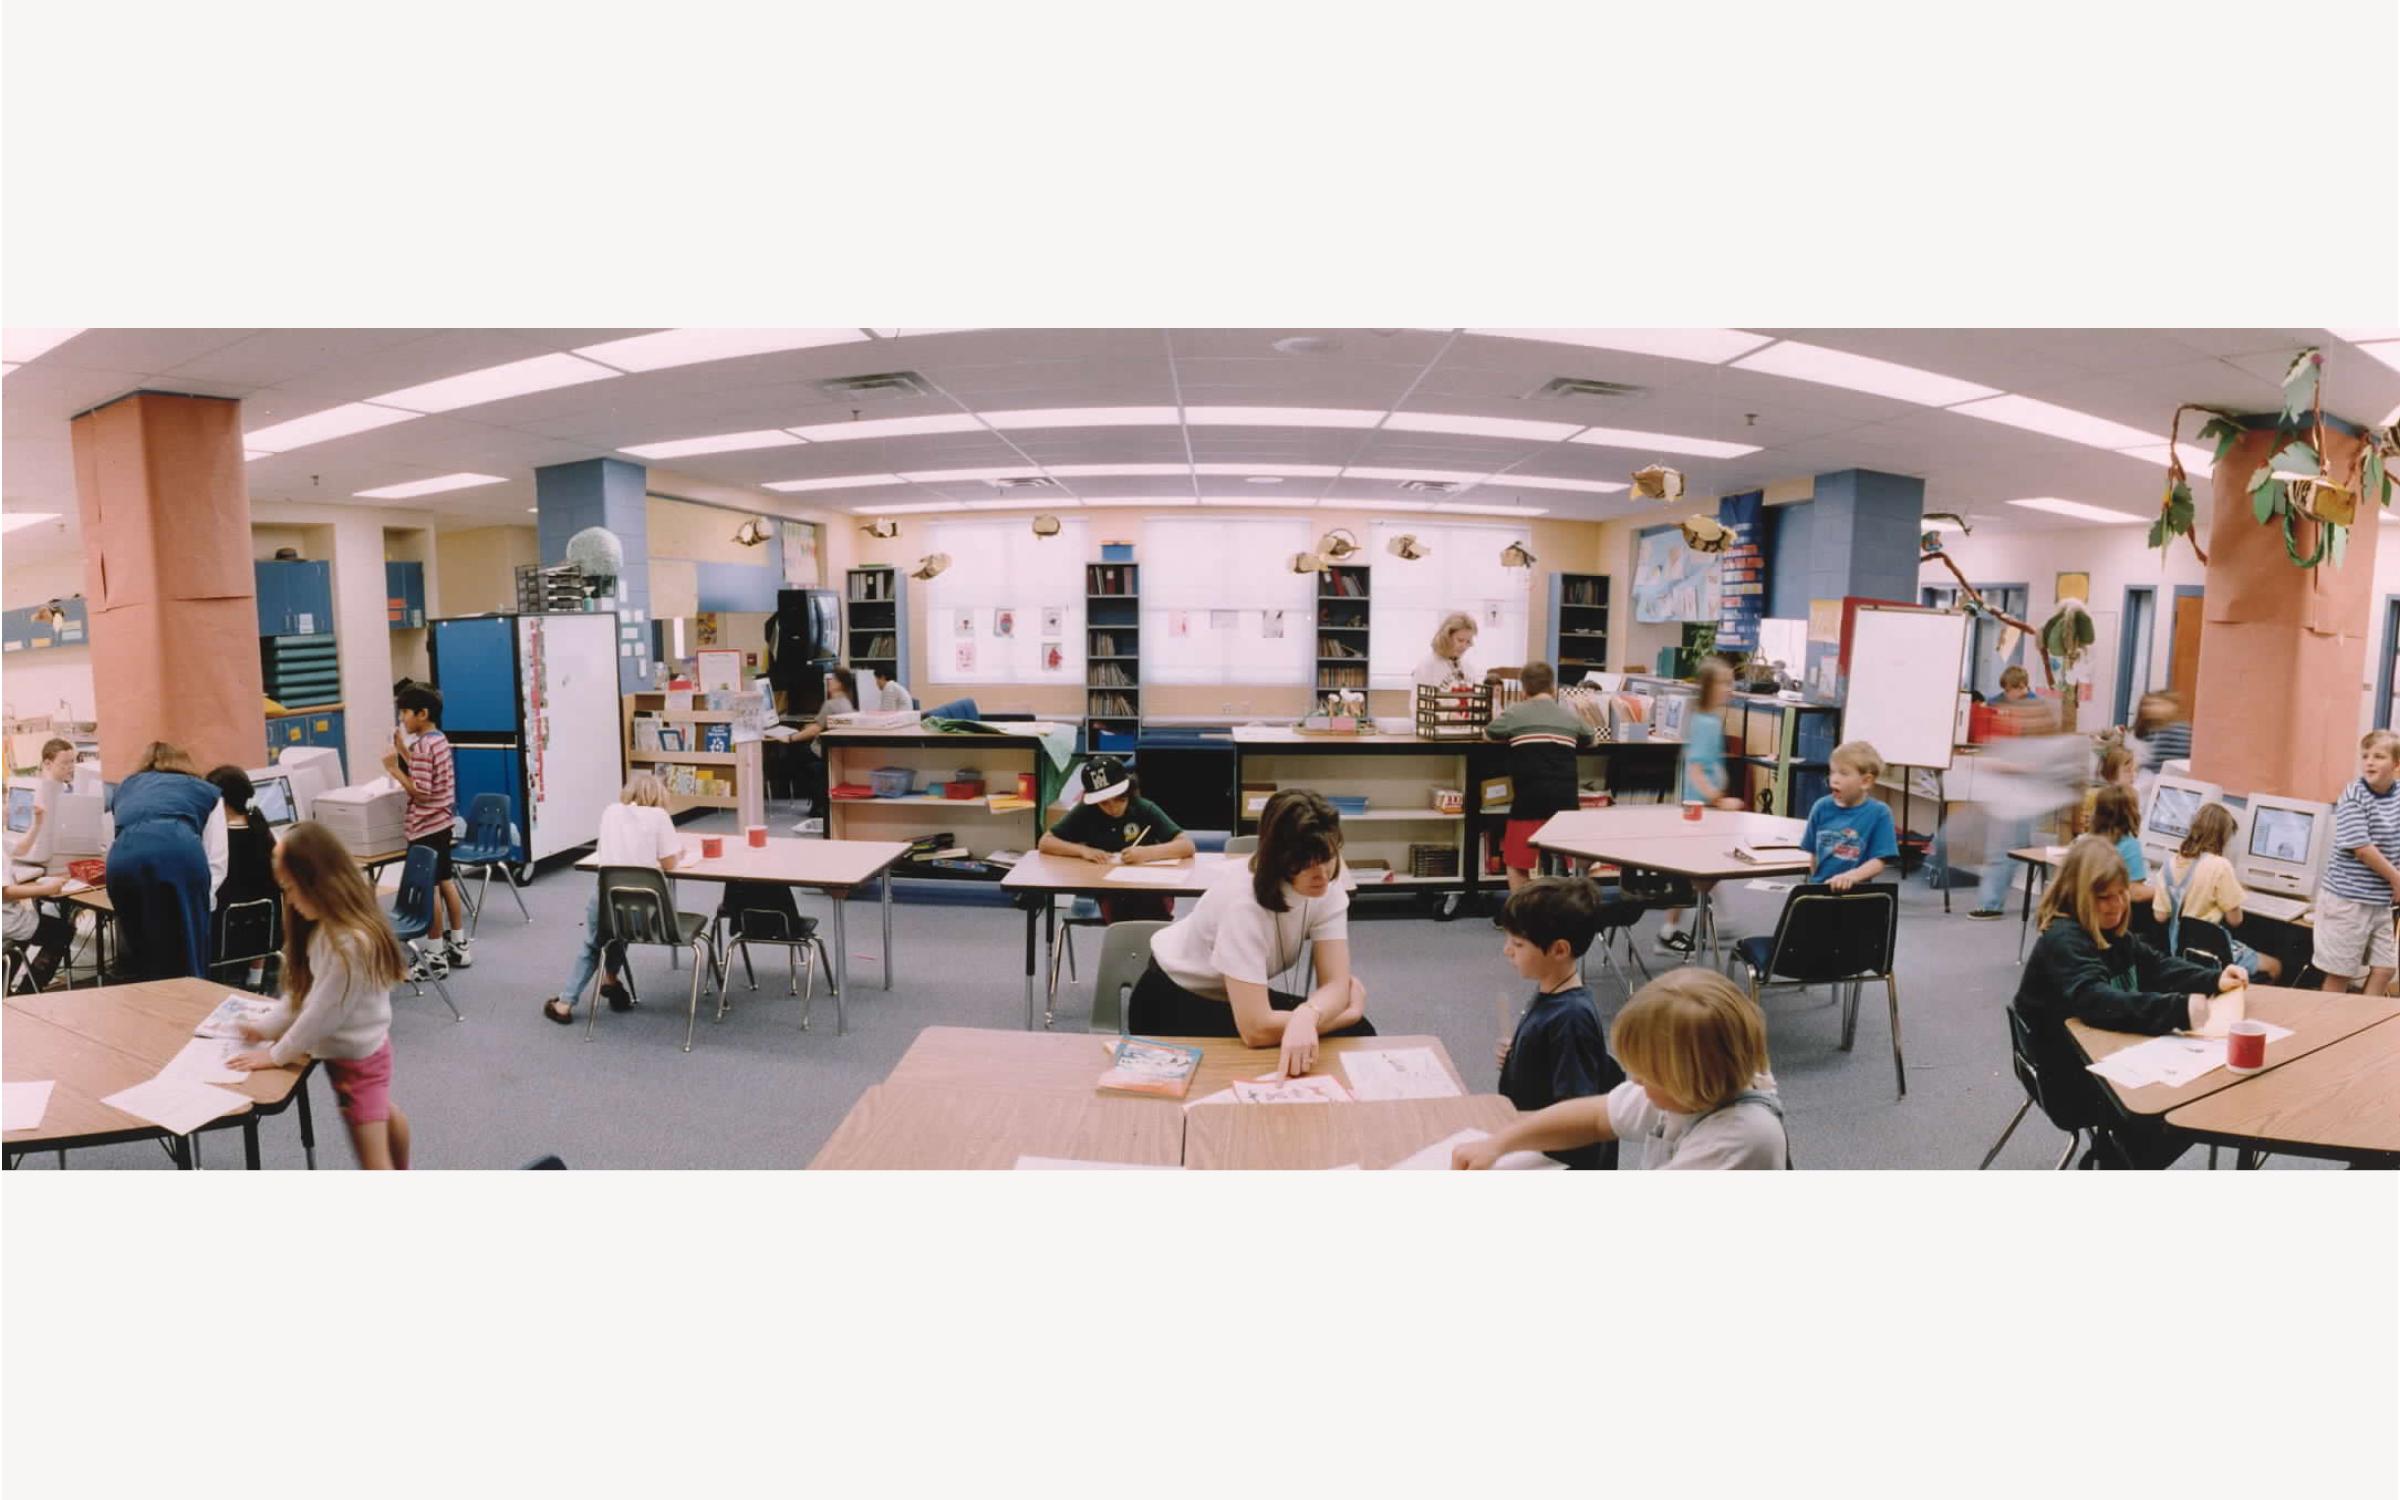 Celebration-School-Florida-Alan-Joslin_02.jpg